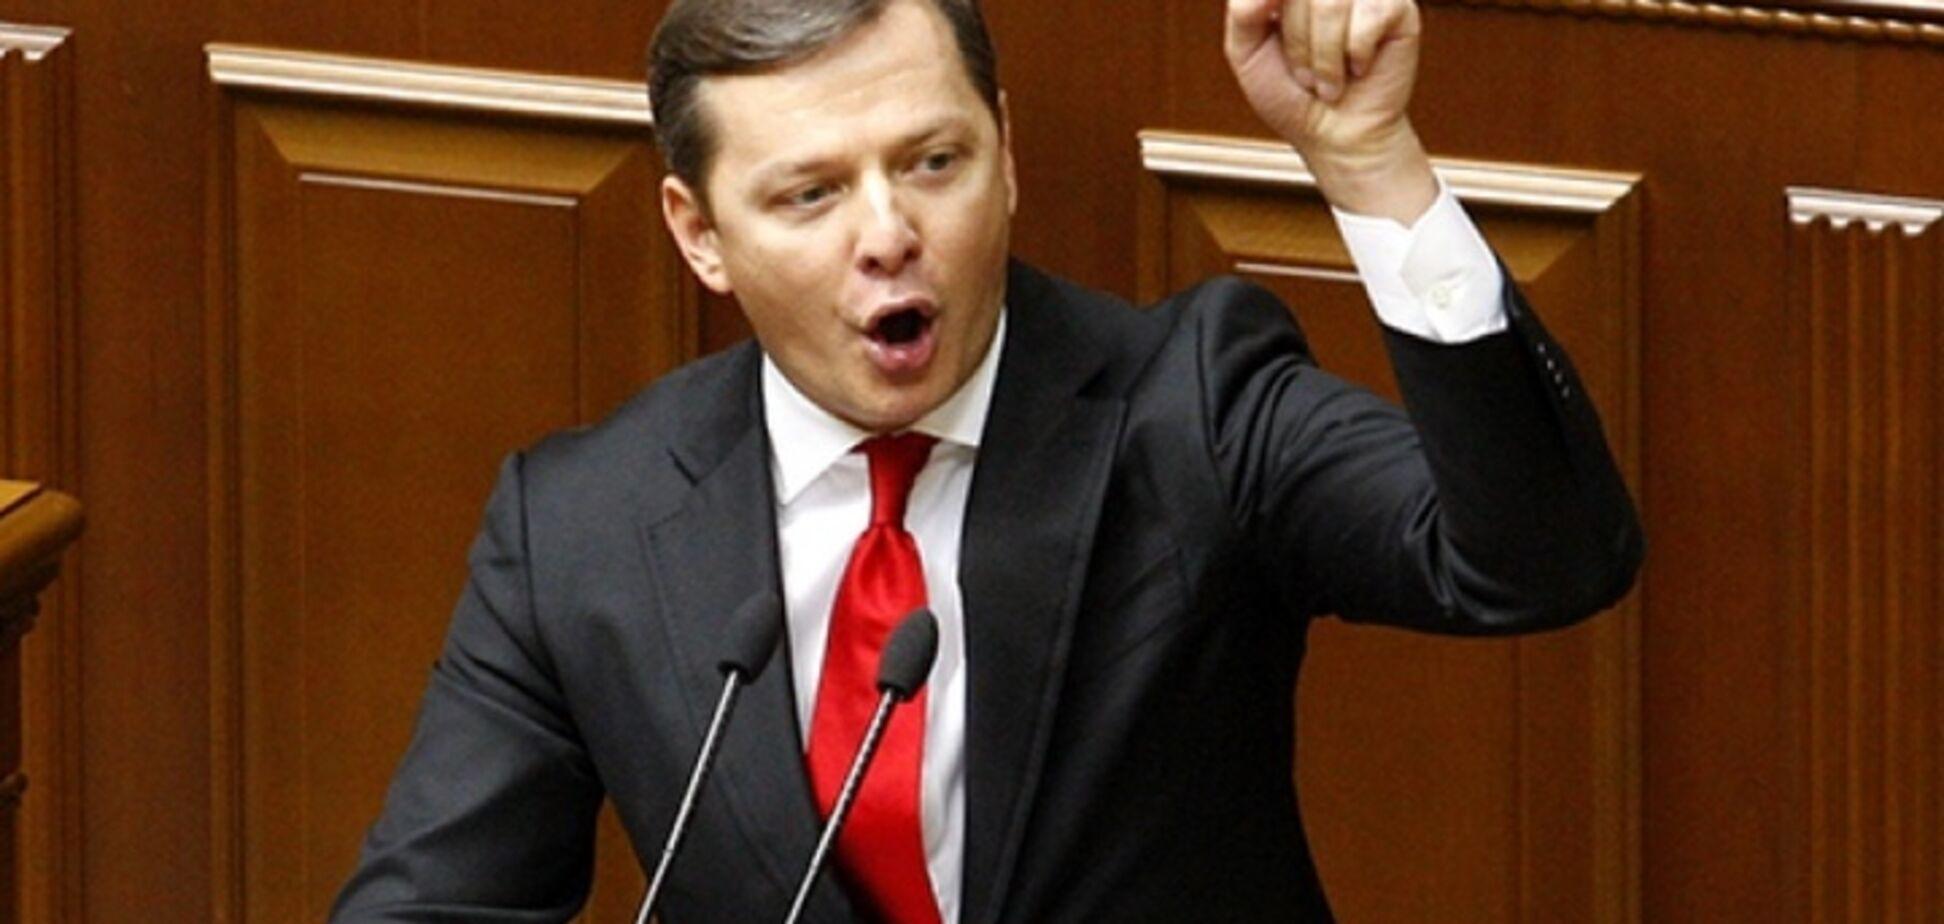 Віджартувався: Ляшко відповів на президентський виклик Зеленського